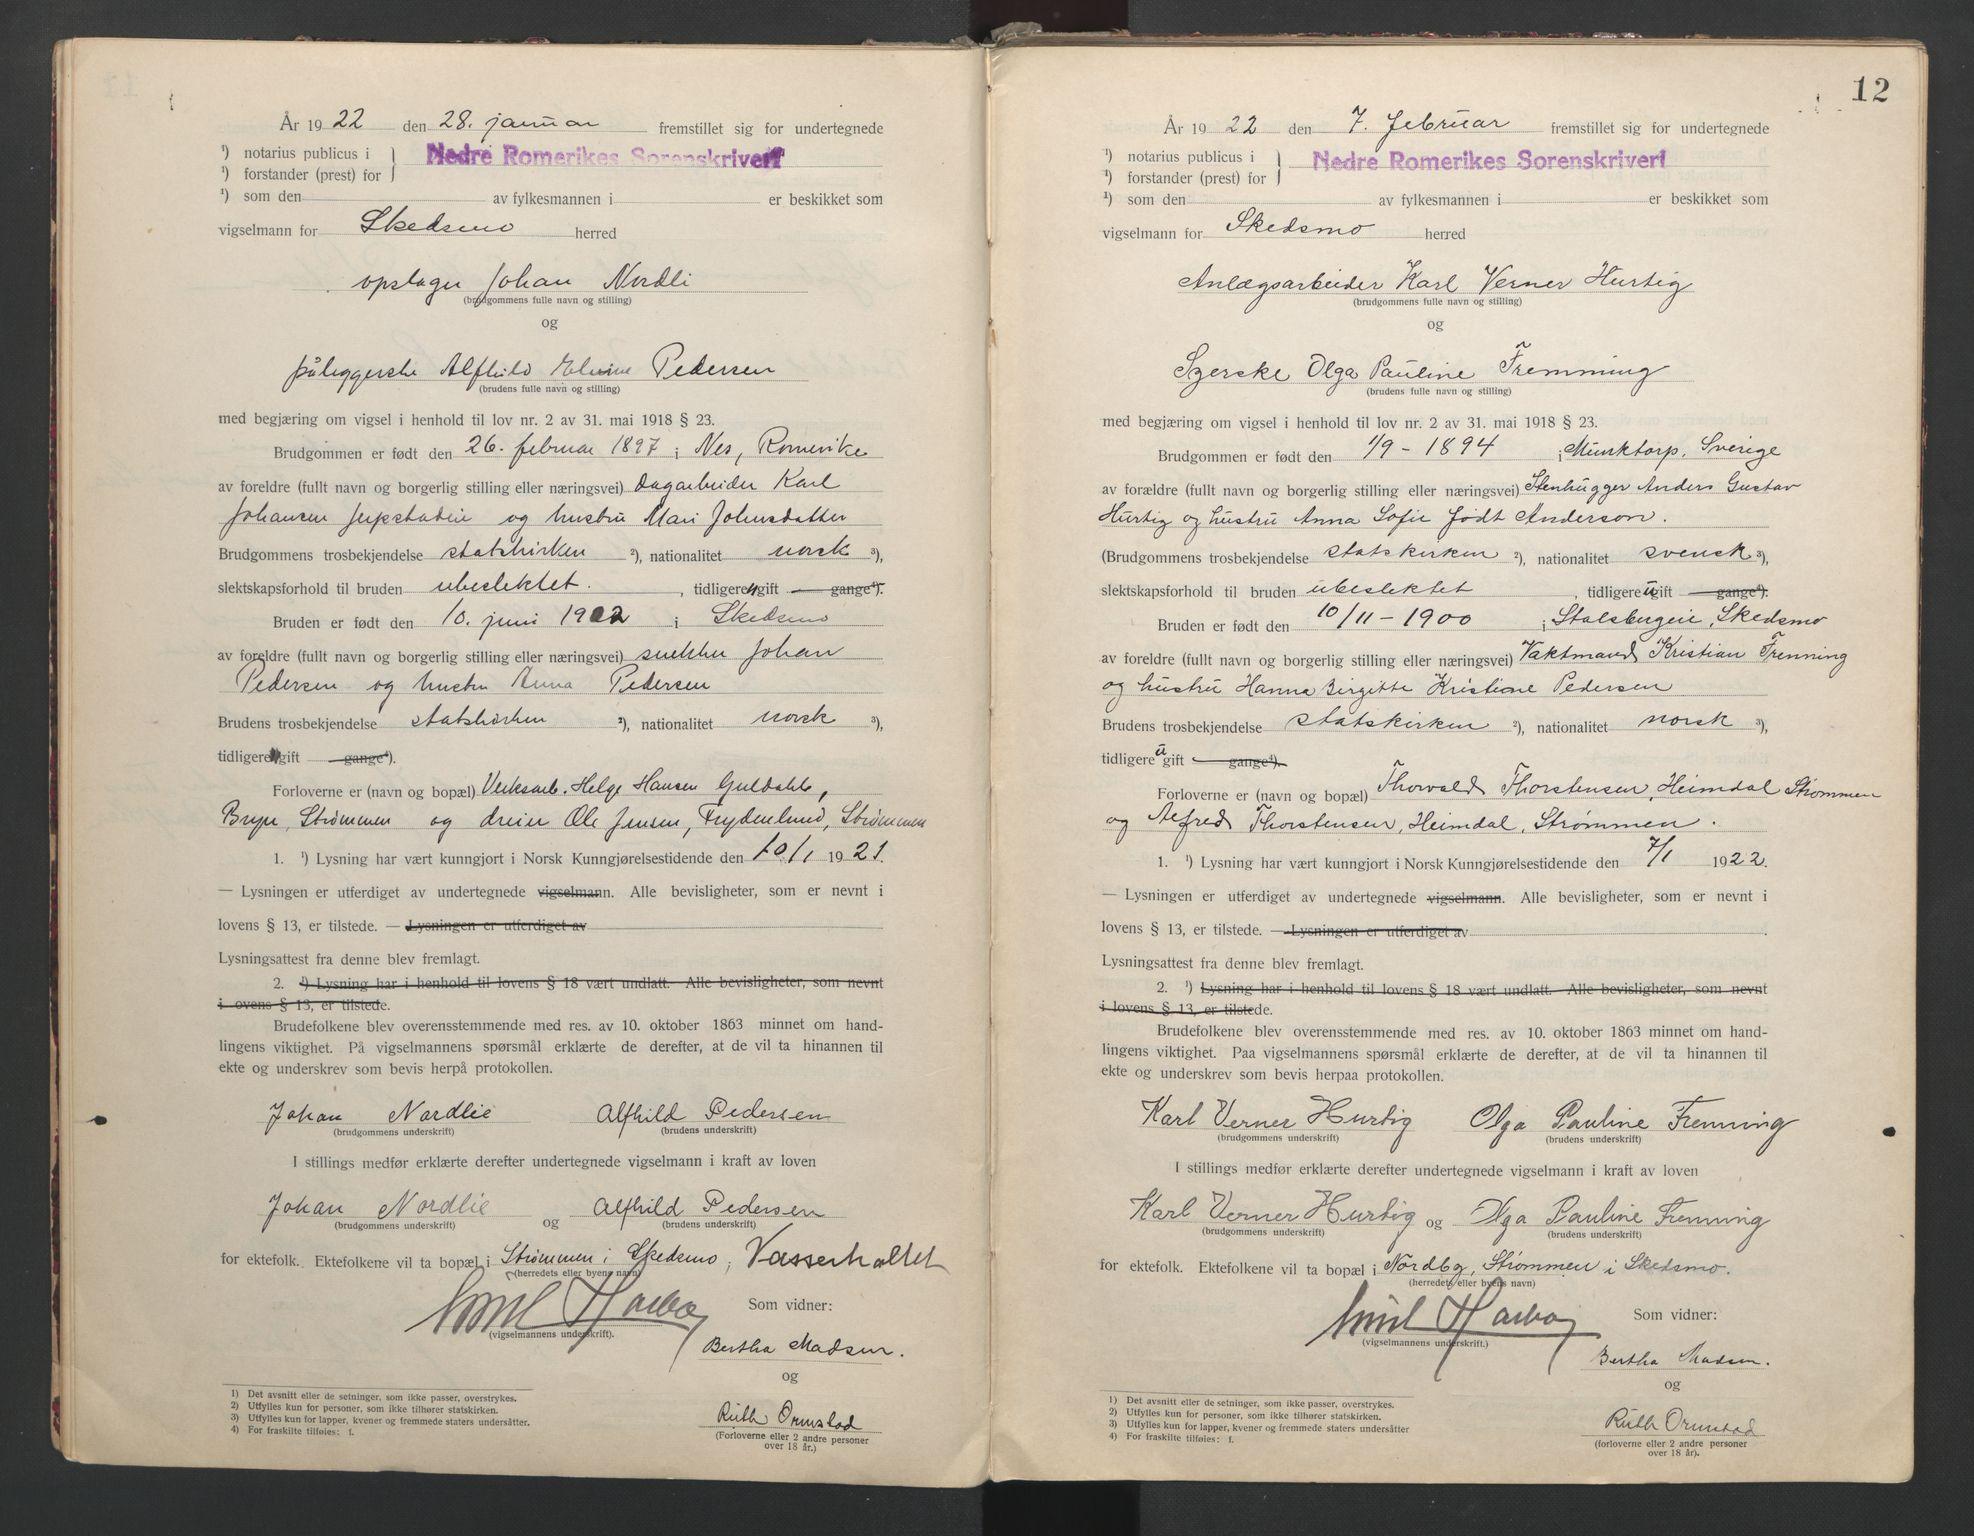 SAO, Nedre Romerike sorenskriveri, L/Lb/L0001: Vigselsbok - borgerlige vielser, 1920-1935, s. 12